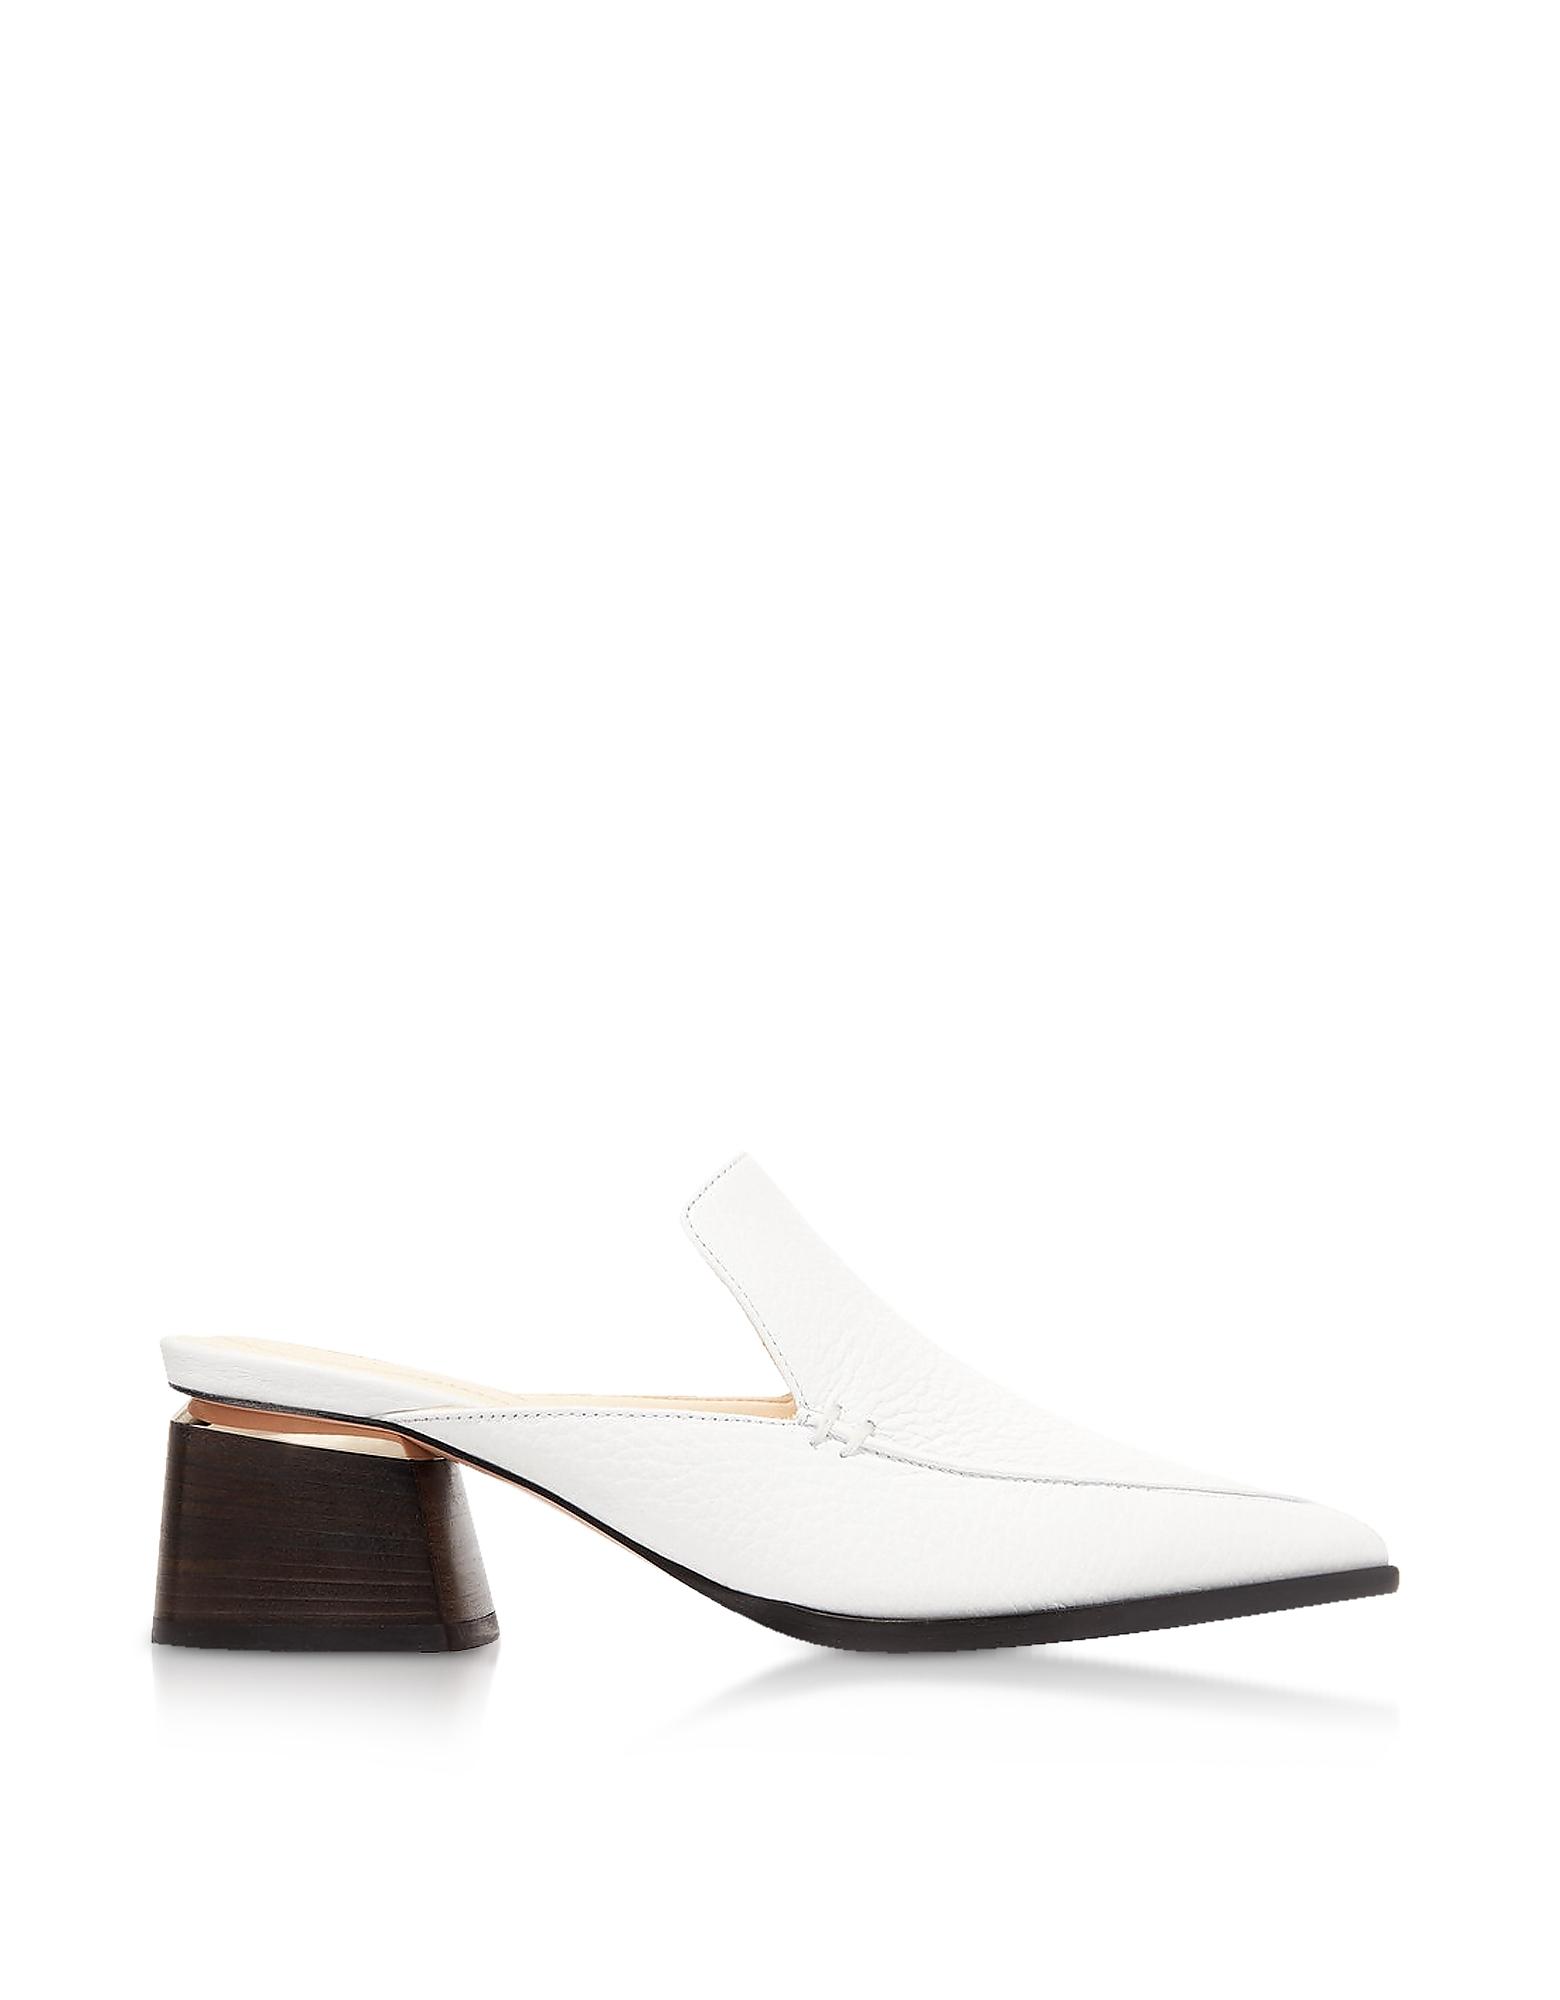 Image of Nicholas Kirkwood Designer Shoes, 55mm Beya White Tumbled Leather Mules